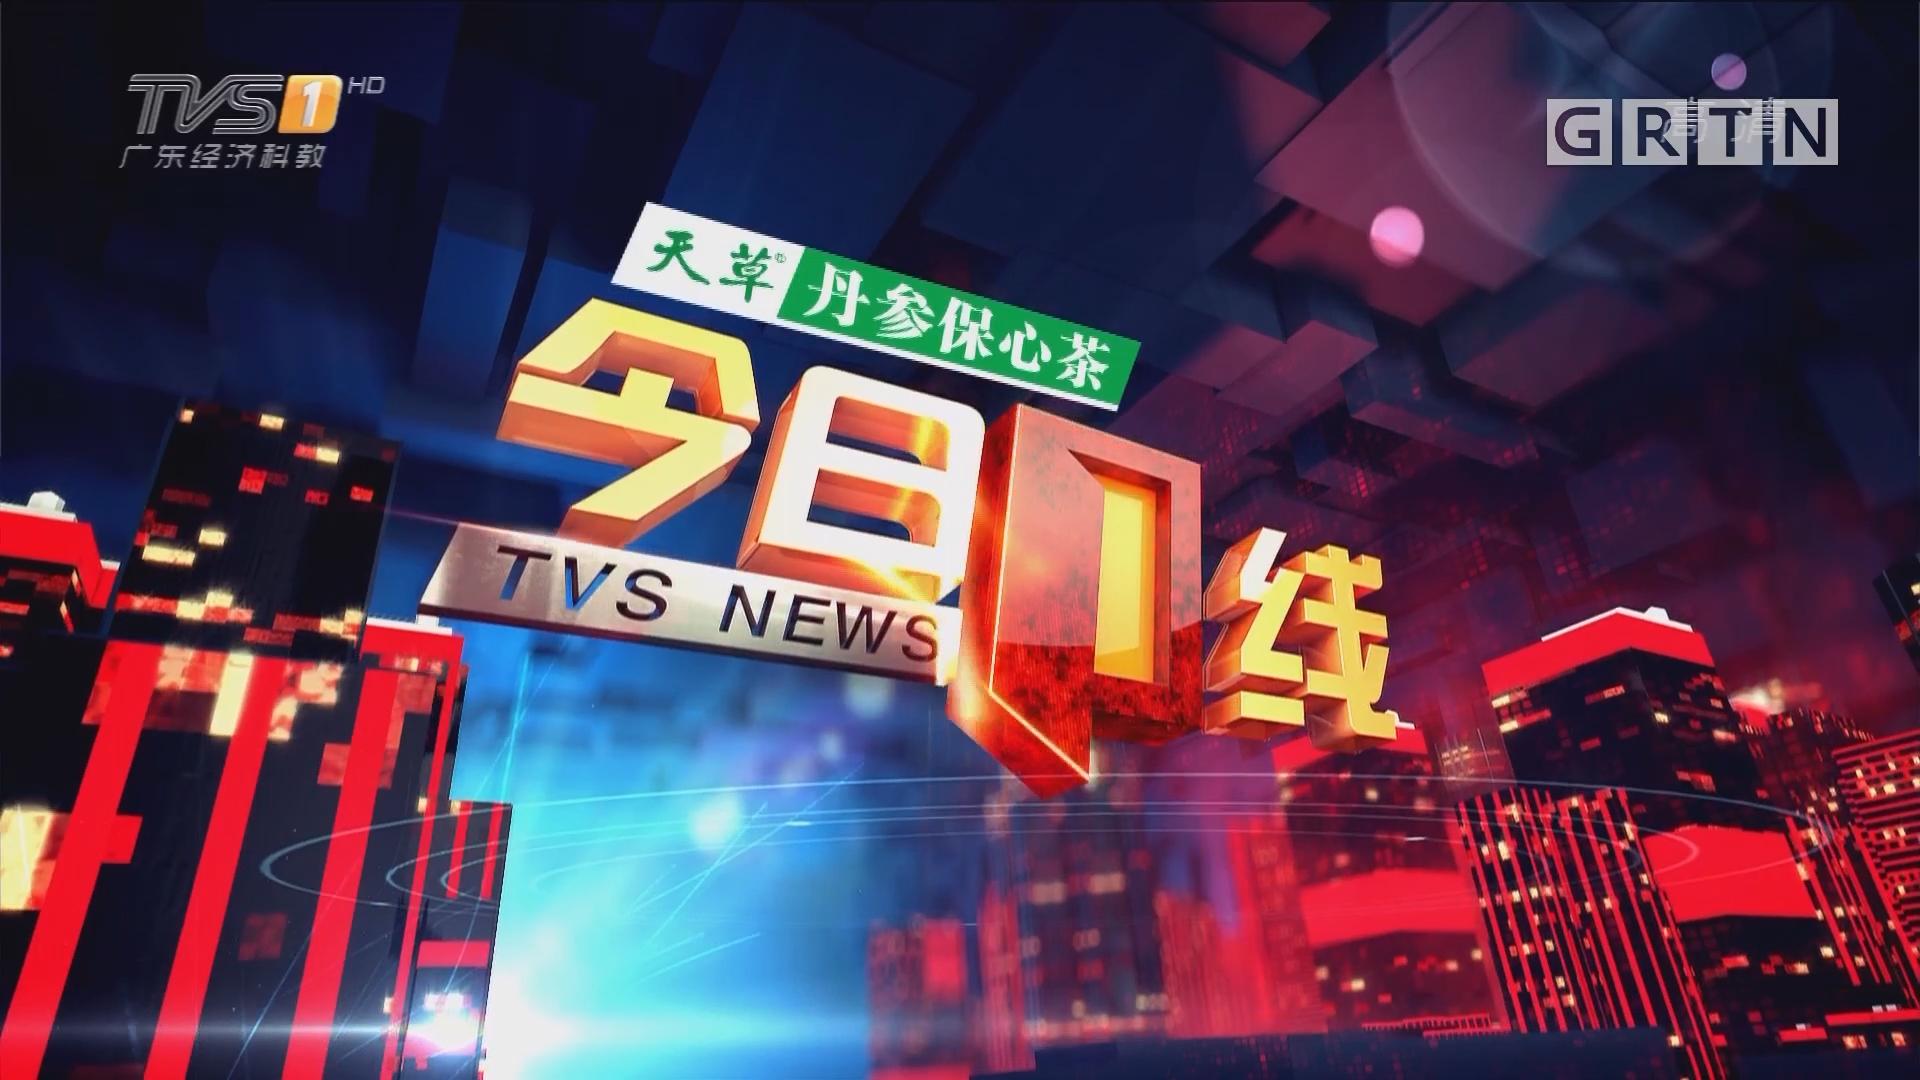 [HD][2018-09-21]今日一线:关注中秋假期出行:虎门大桥 虎门大桥东线缓慢通行 限流设备已启用